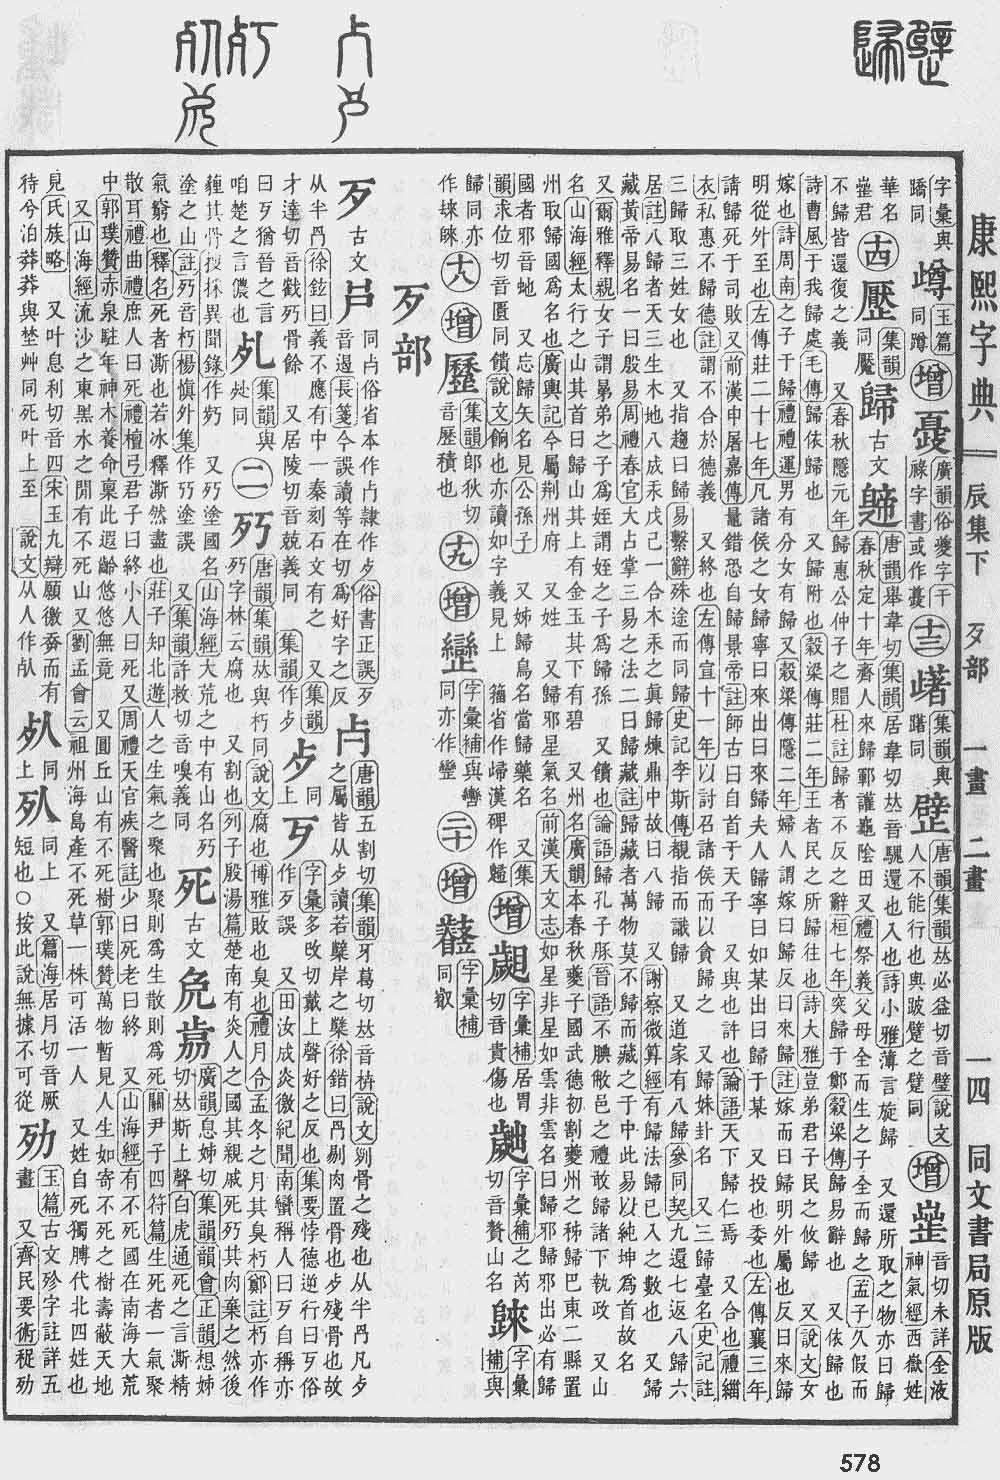 《康熙字典》第578页